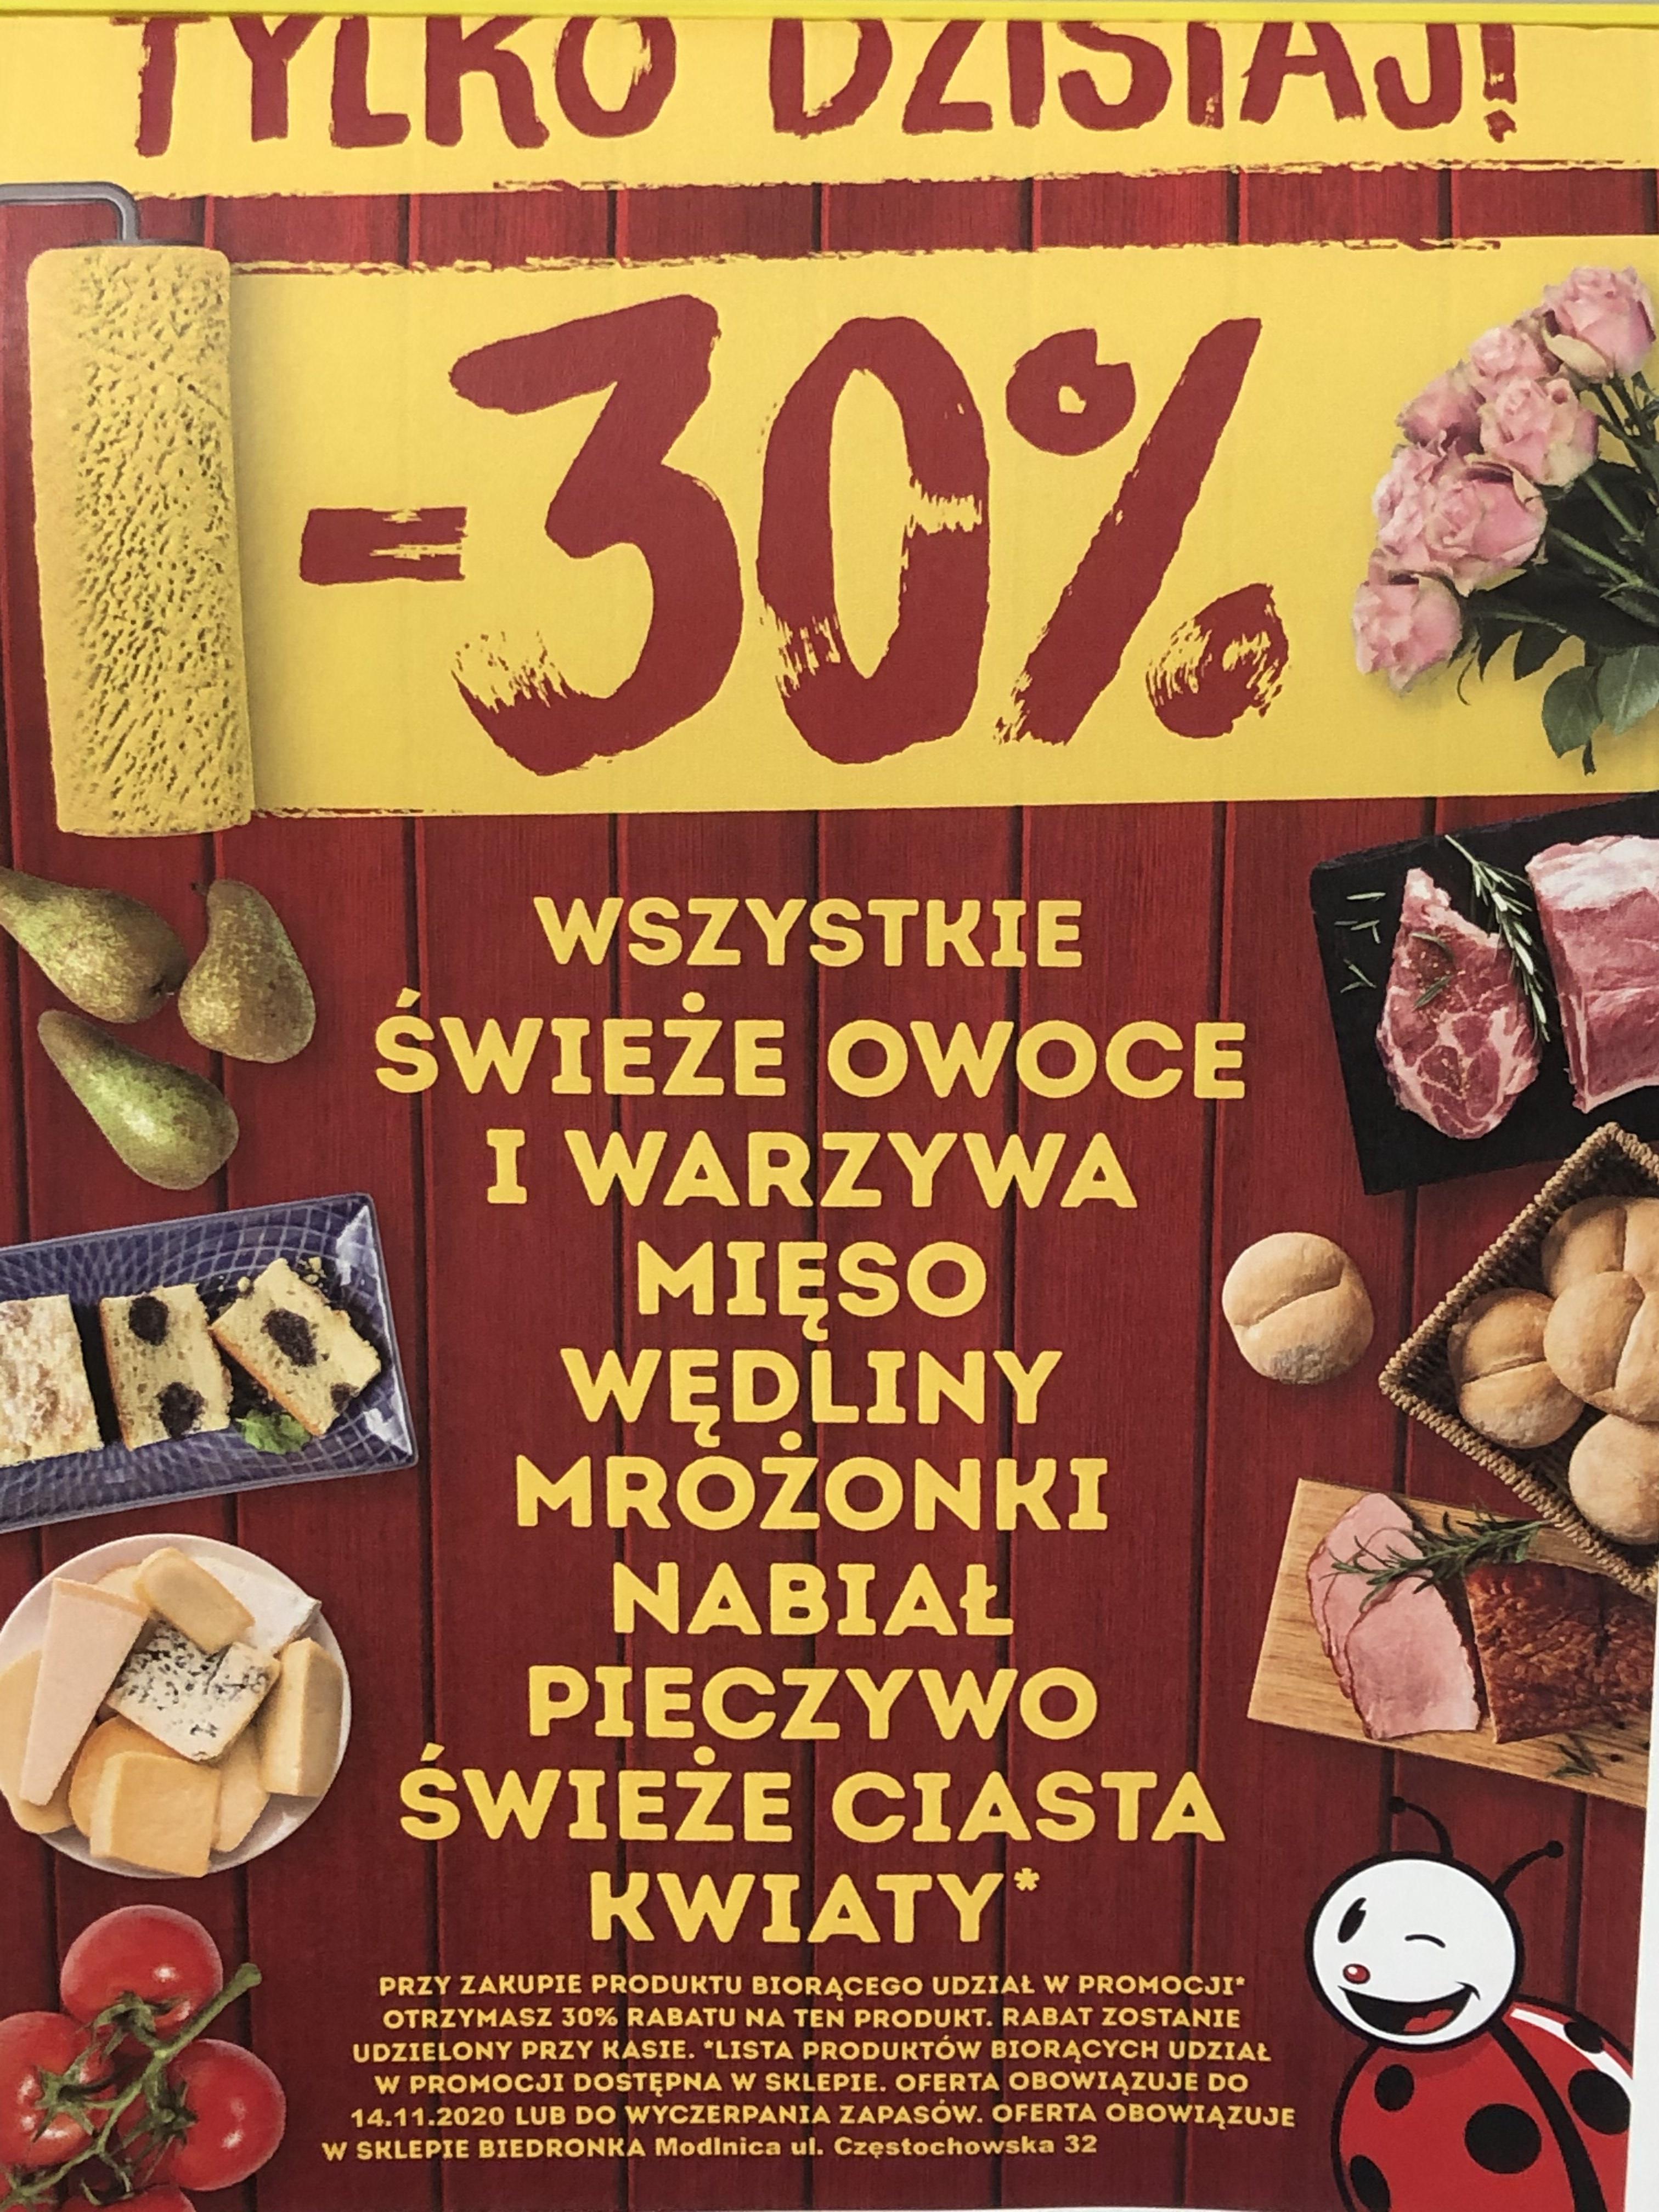 Biedronka Modlnica k.KRK -30% świeże i mrożonki, -50% przemysłowe i tekstylia